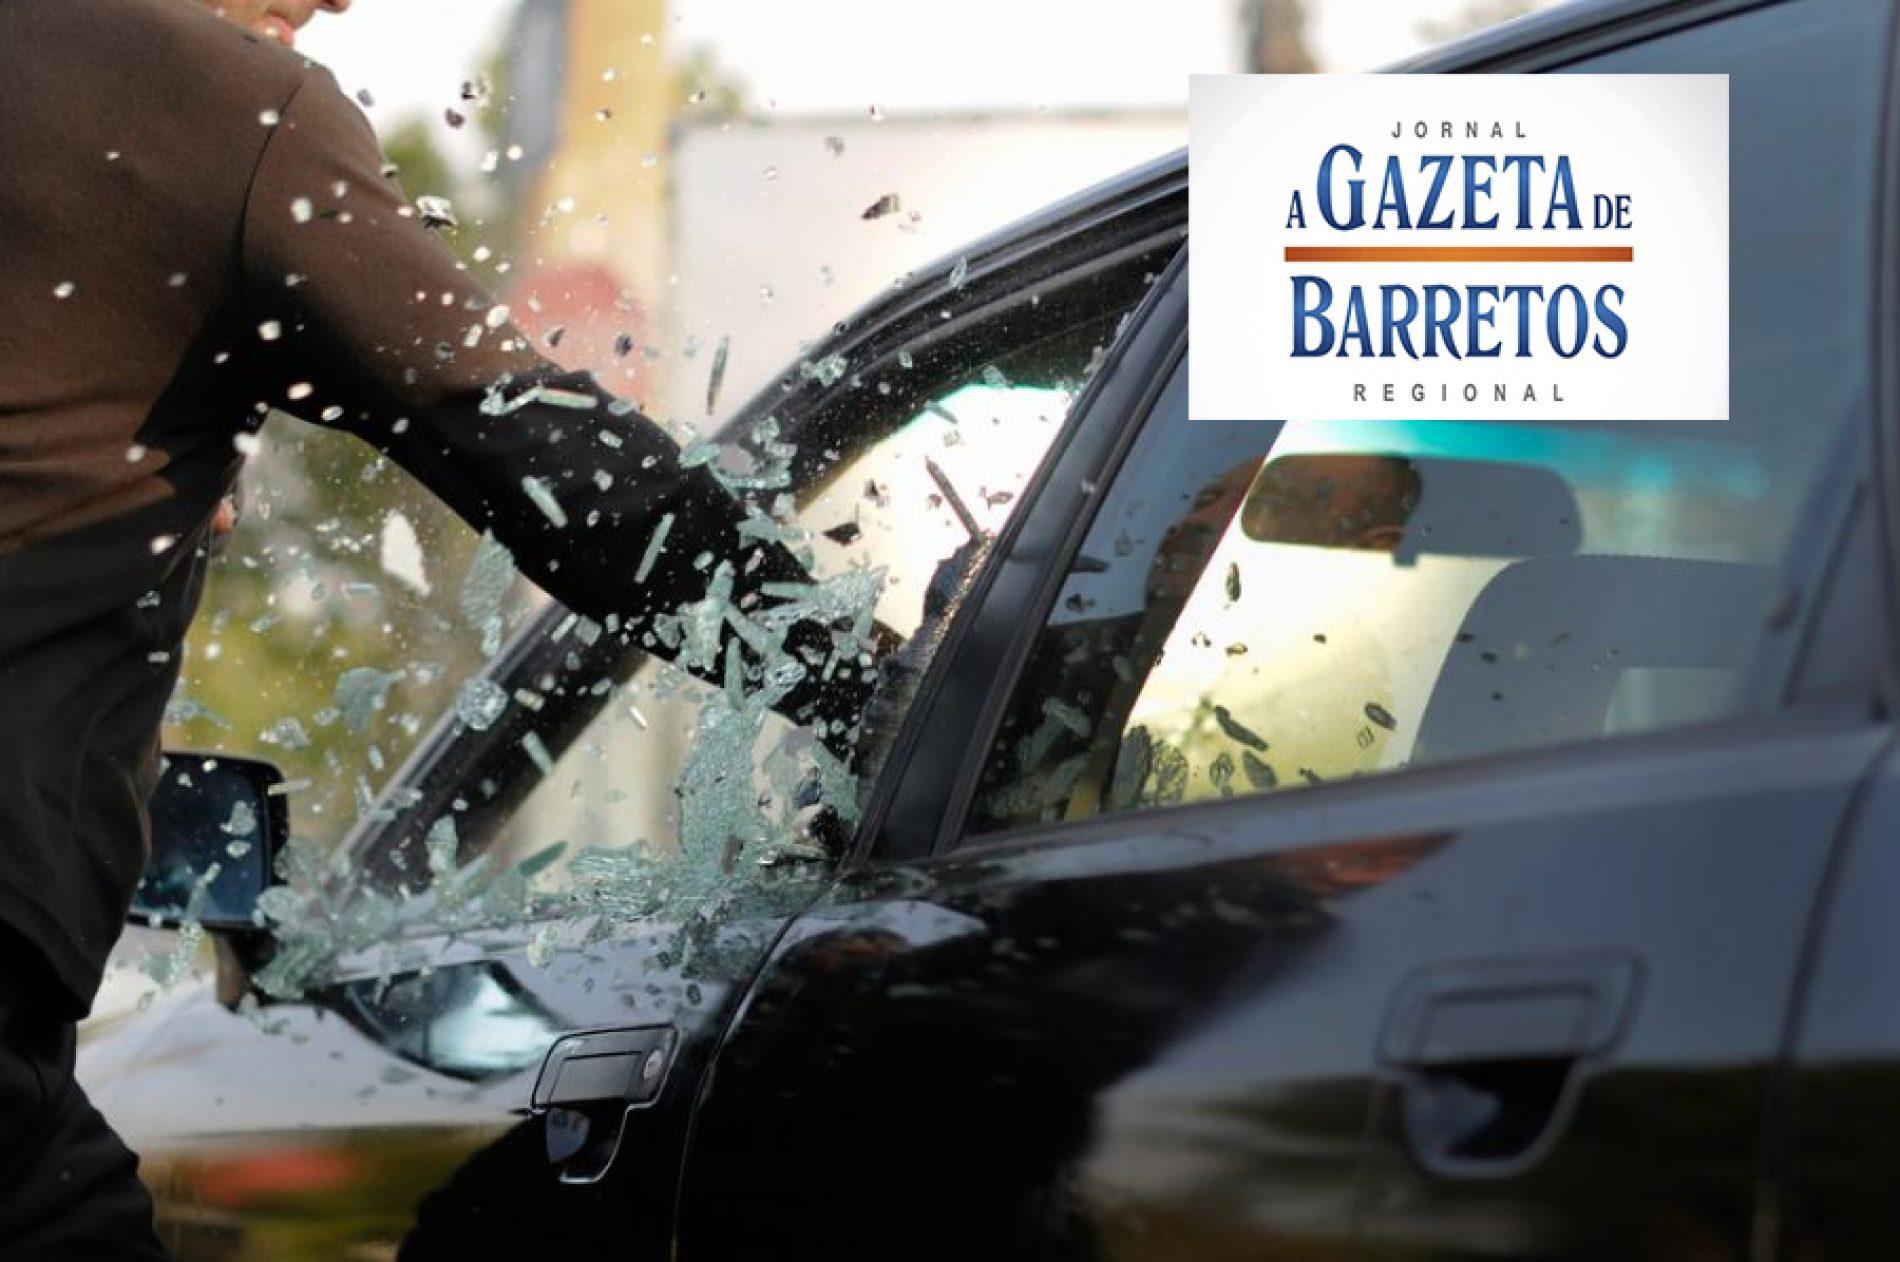 BARRETOS: Furto em interior de veículo na Avenida 47